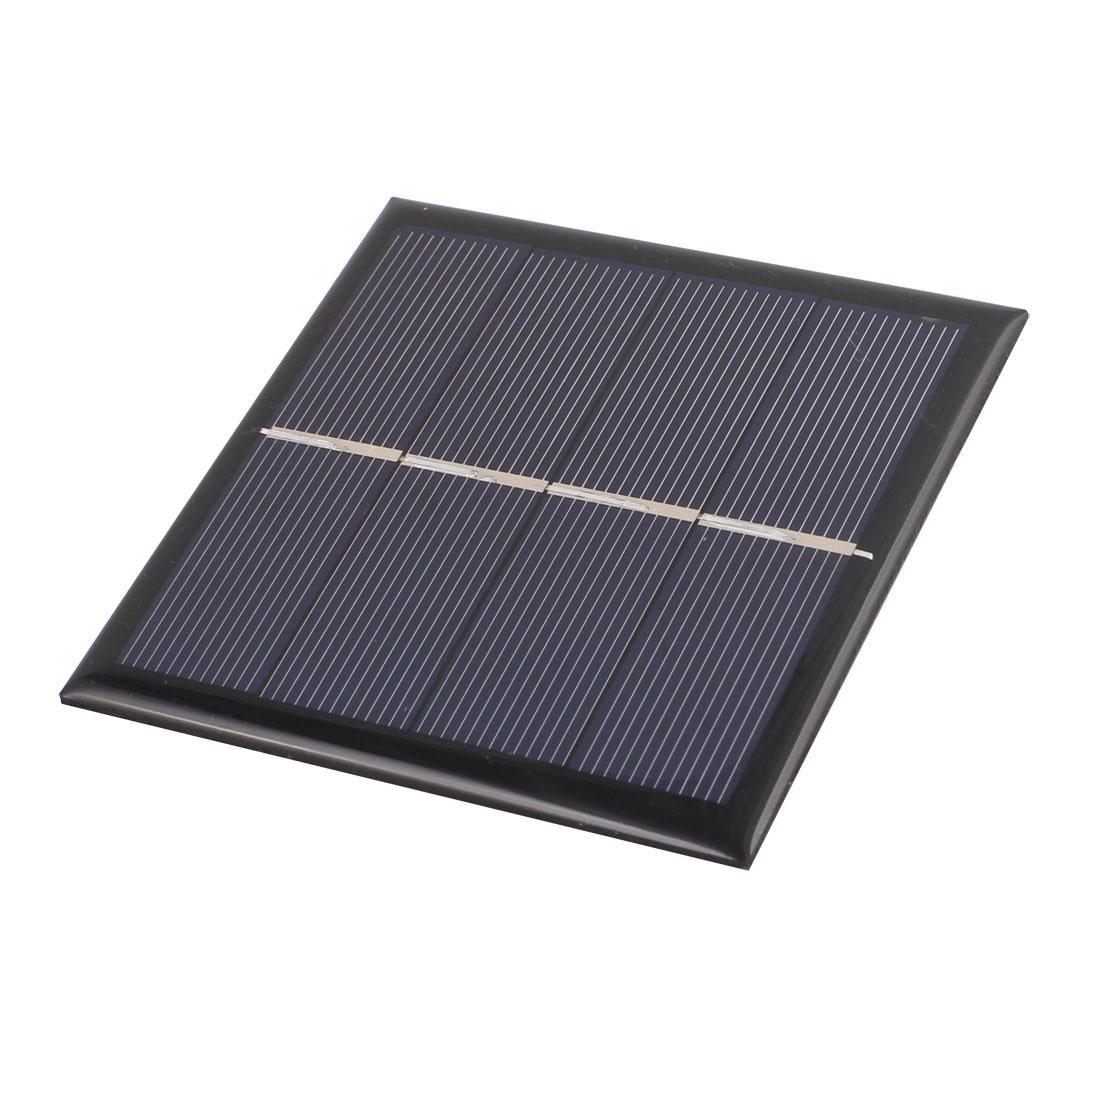 90mmx90mm 1 Watt 2 Volts Polycrystalline Solar Panel for 1.5V AA Battery